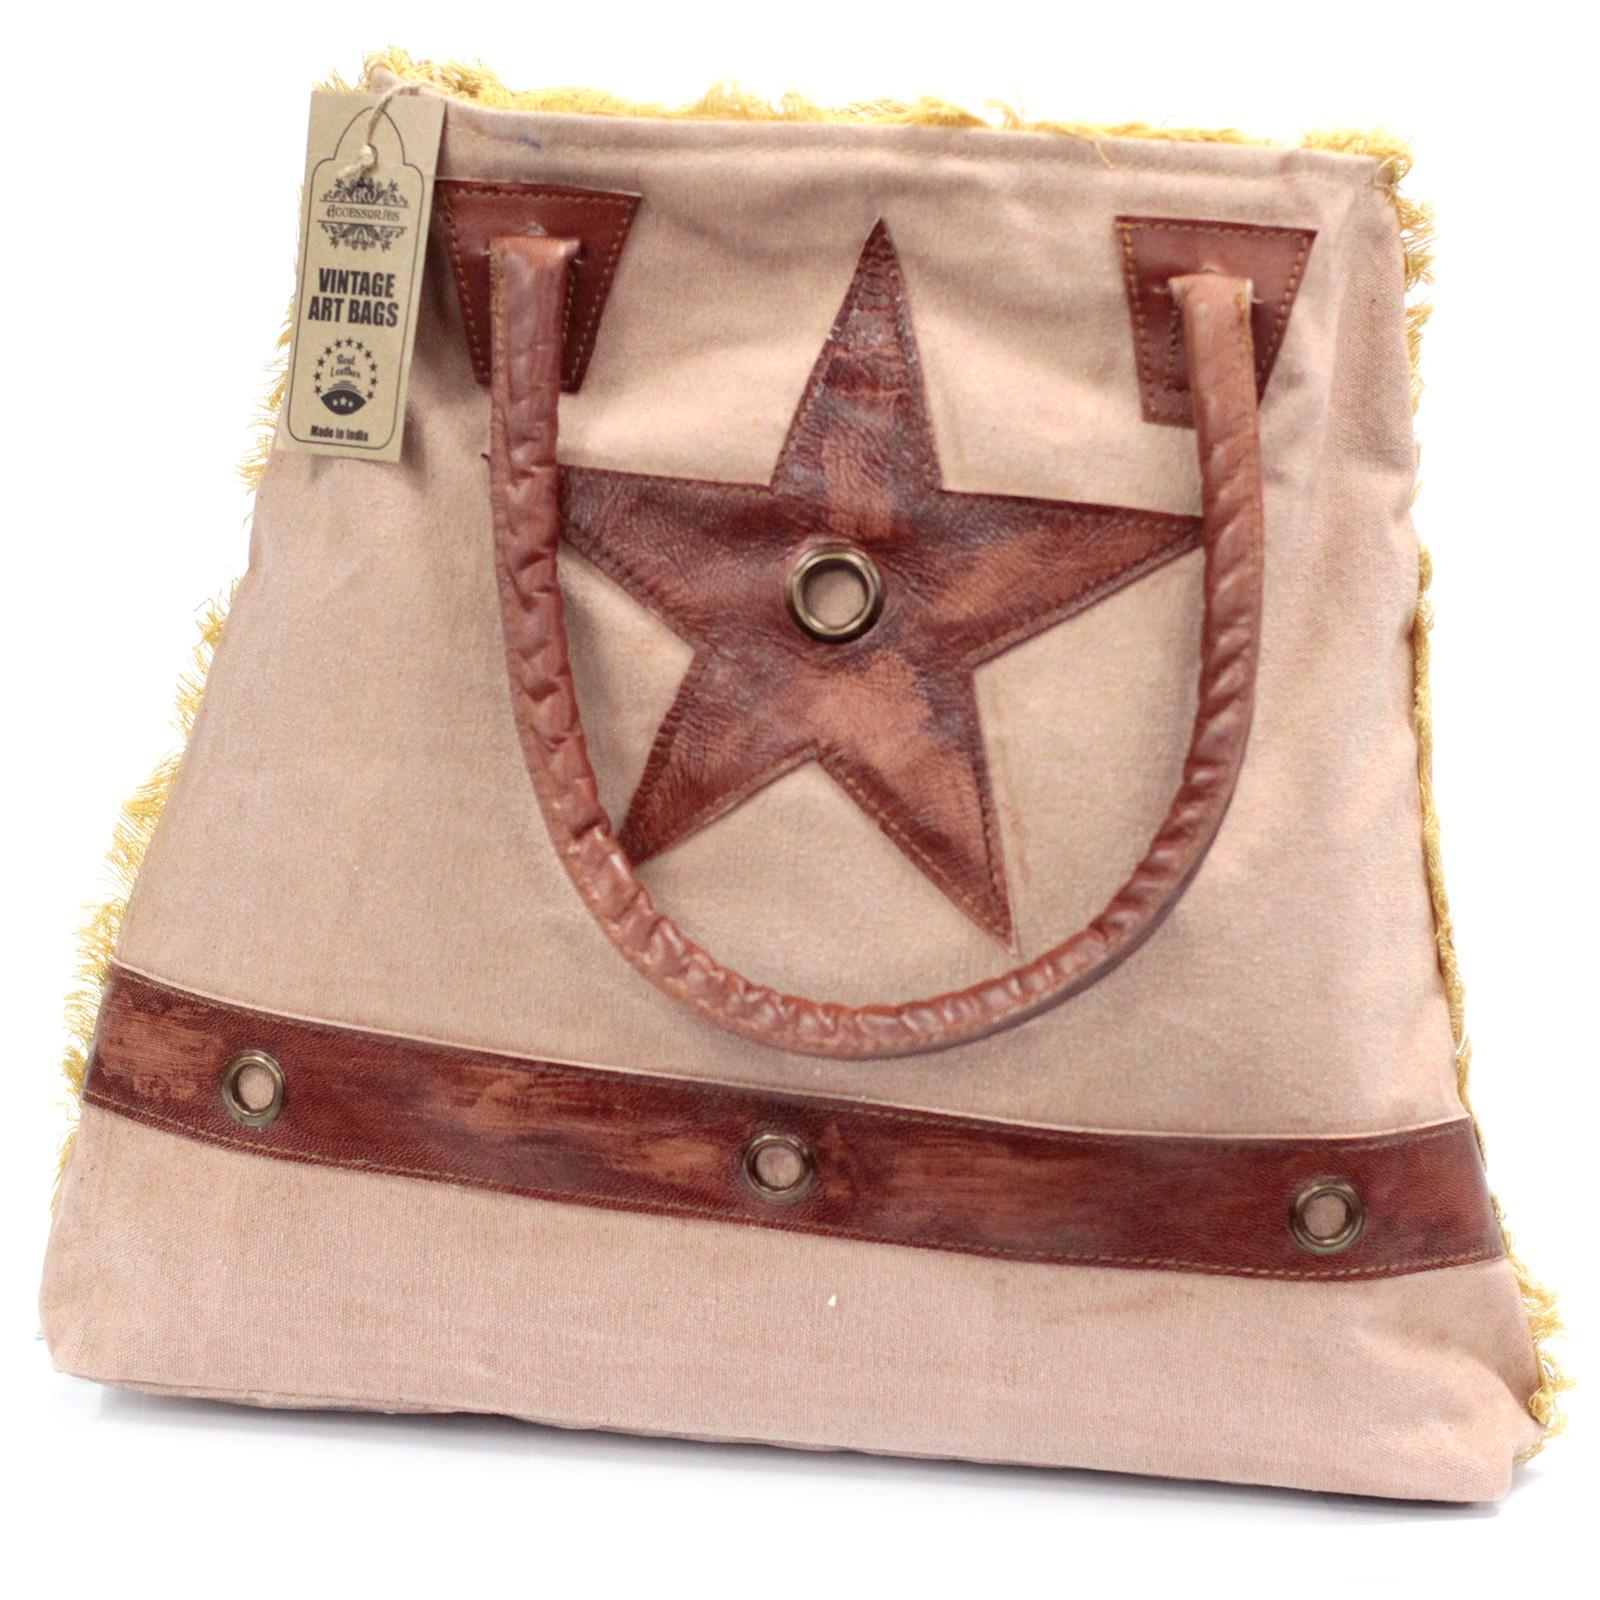 Vintage Bag Big Star